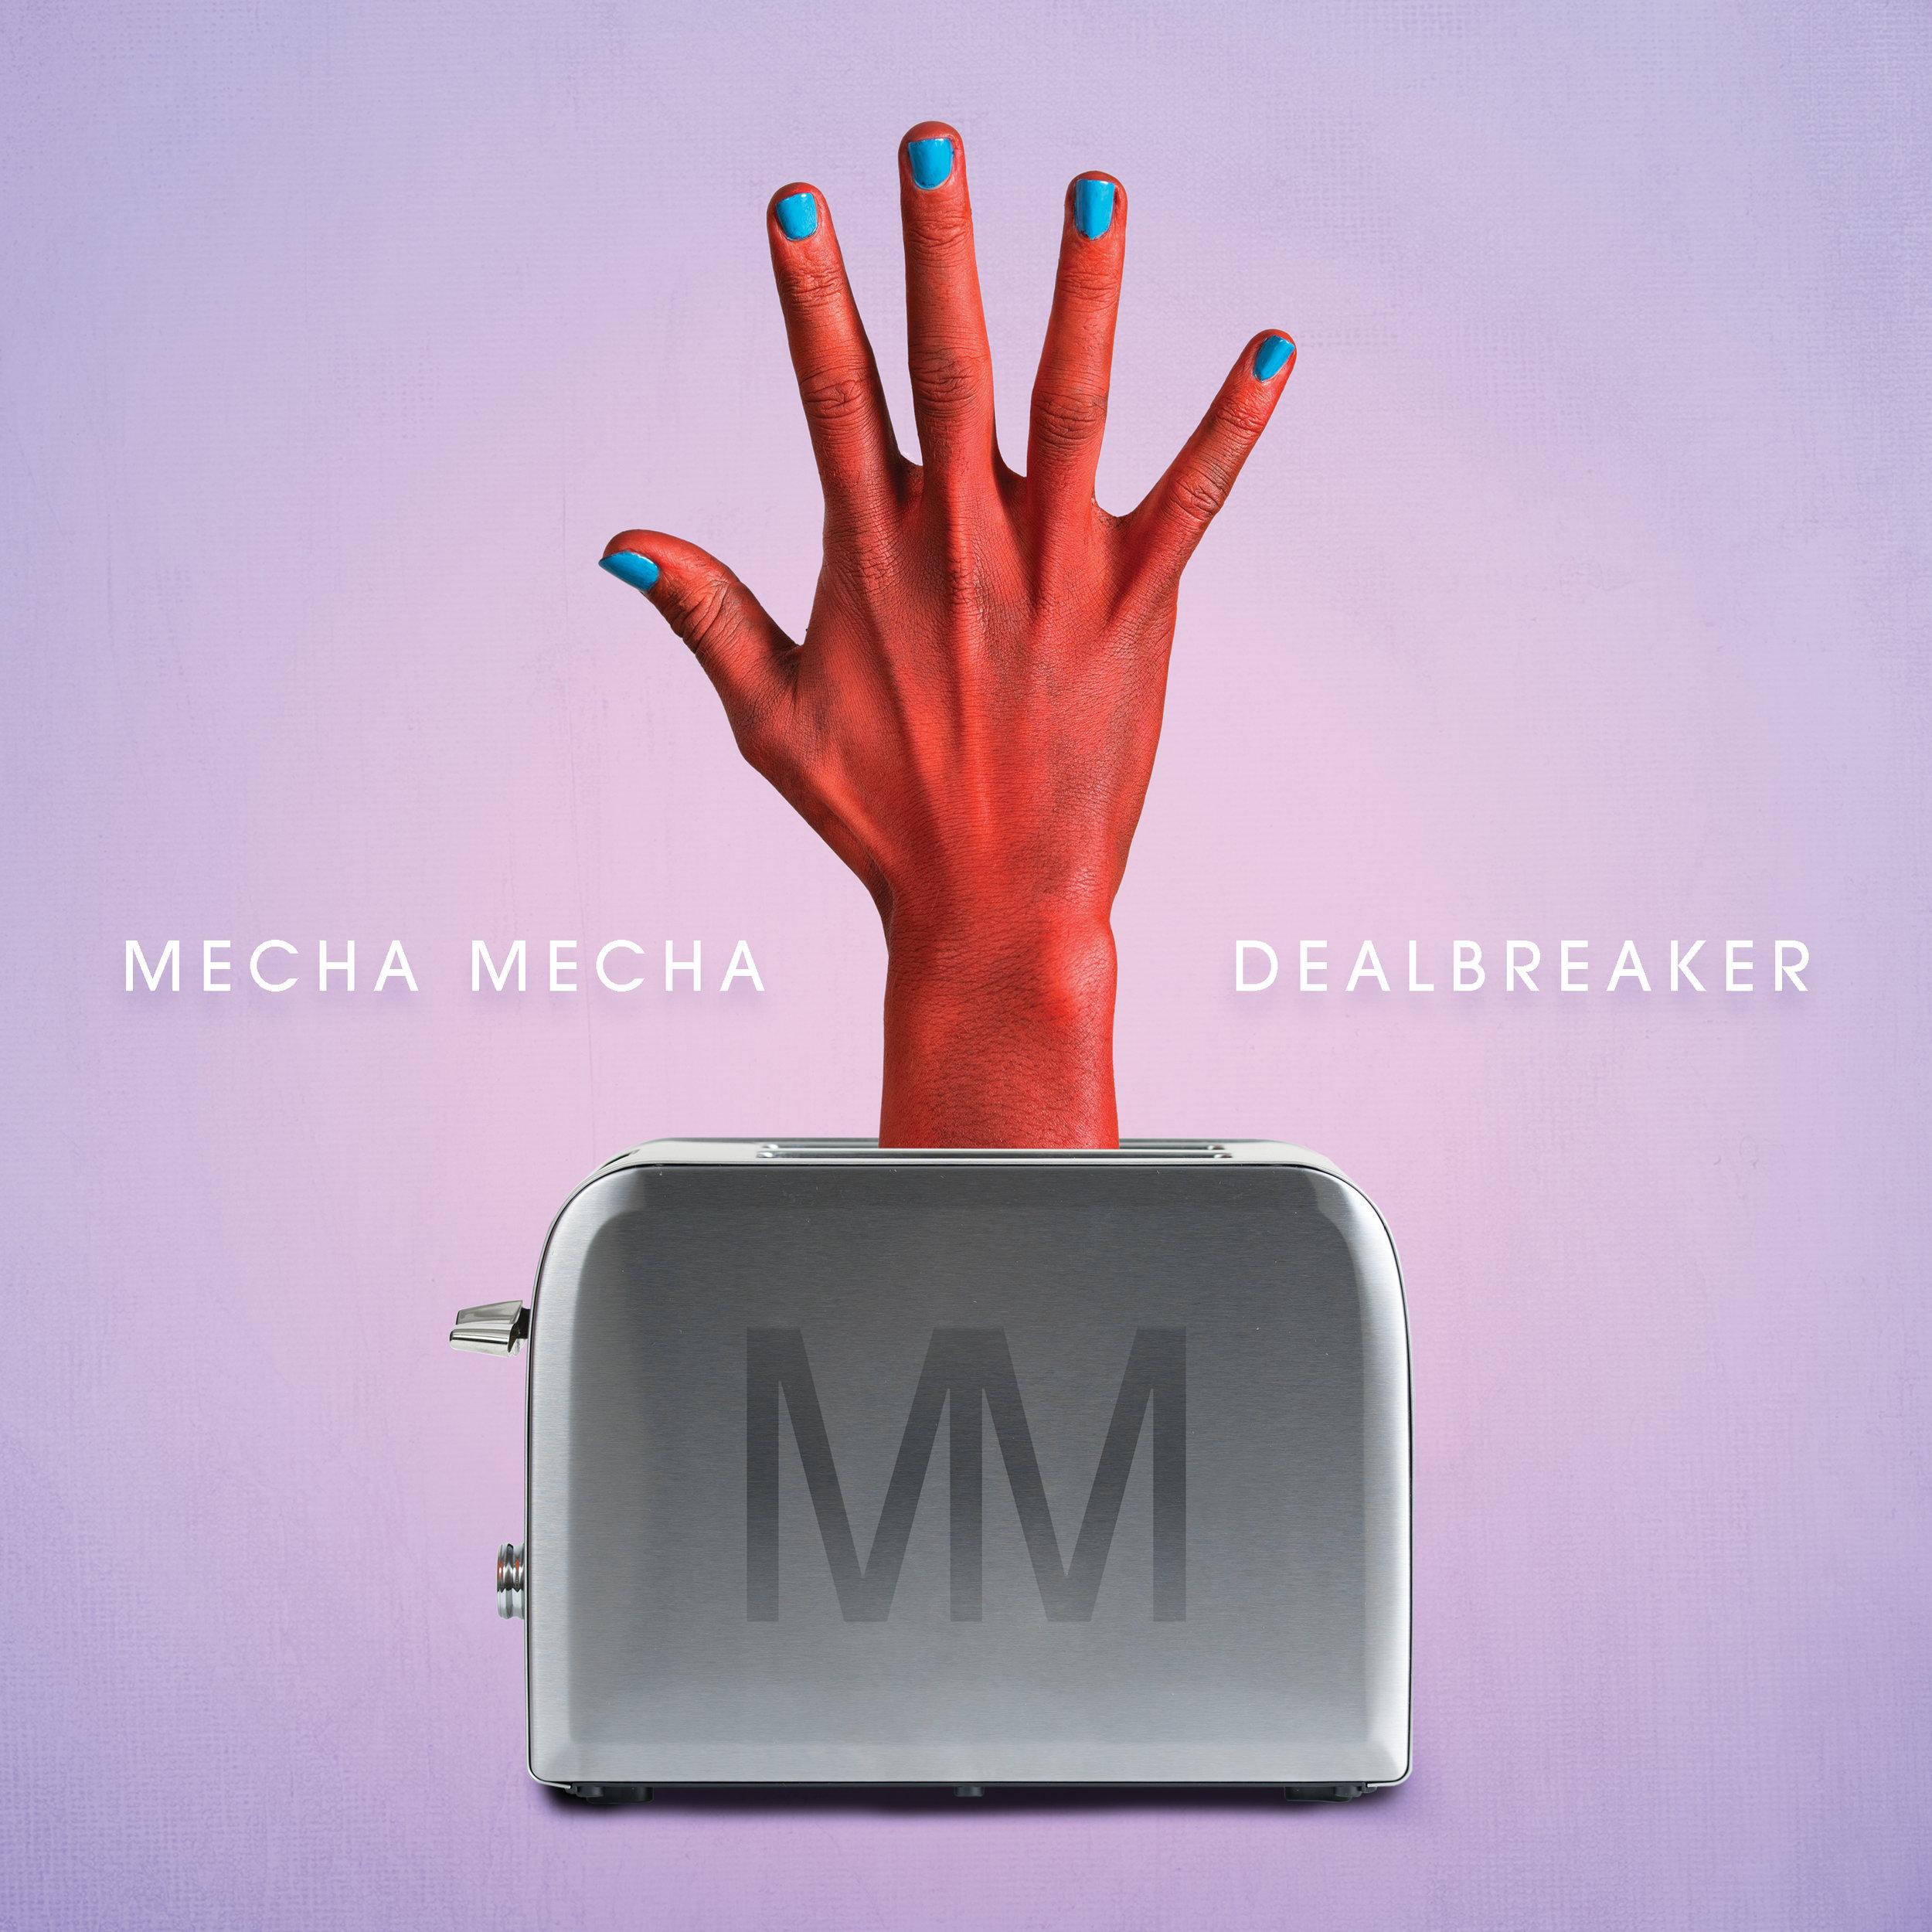 'Dealbreaker'<br><br><em>Mecha Mecha</em>